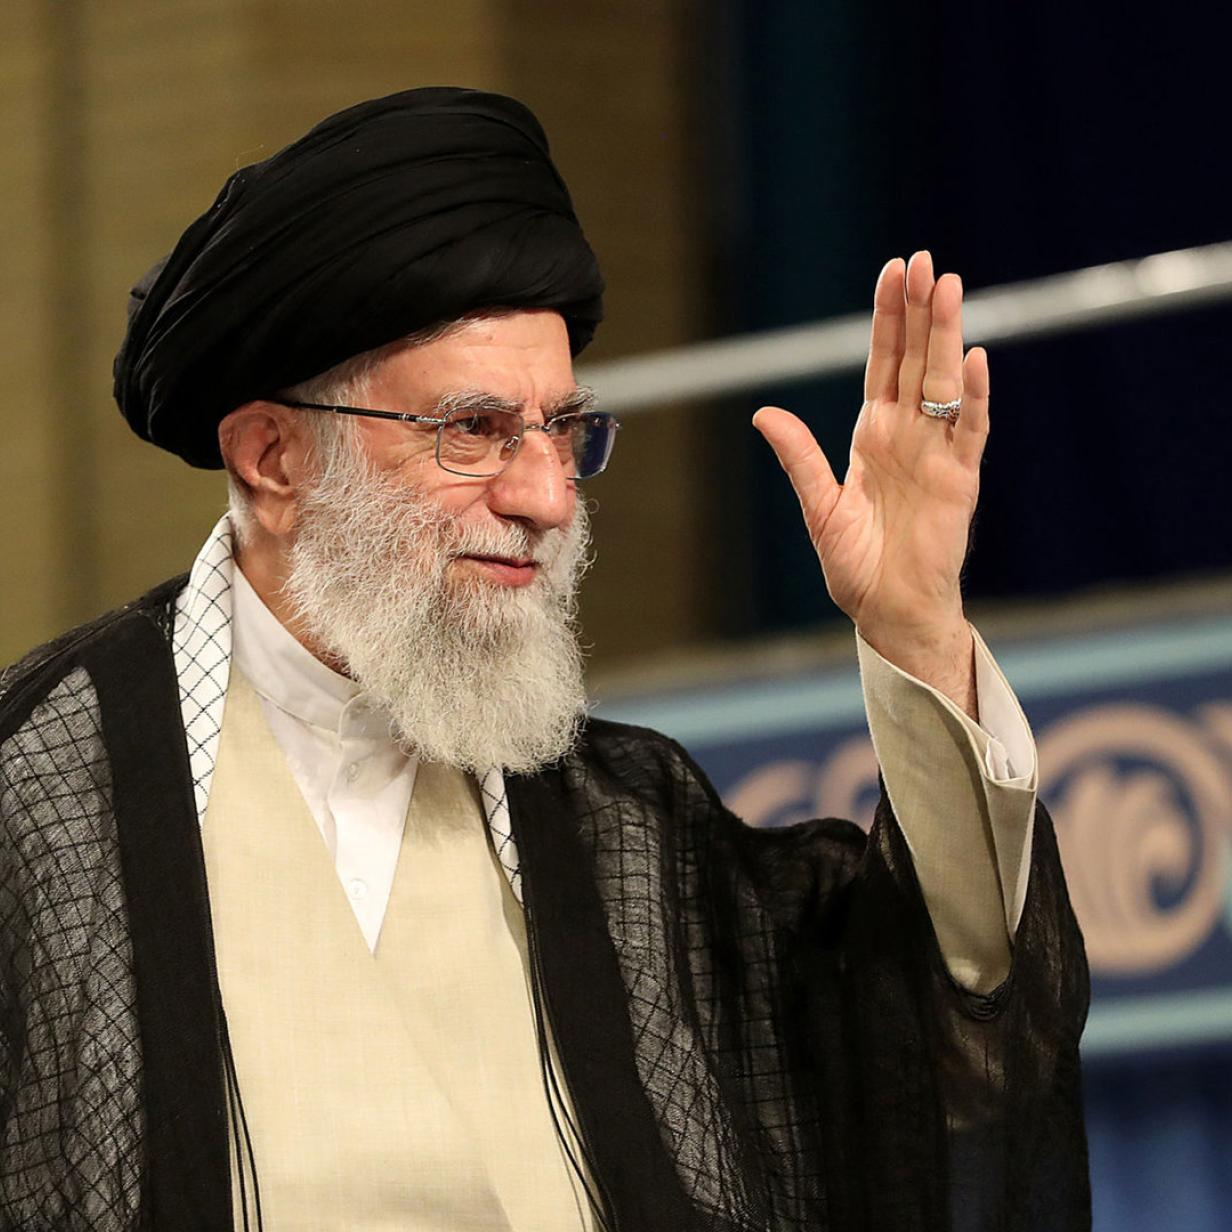 Iran stoppt ausländischen Öltanker und verhaftet Crew